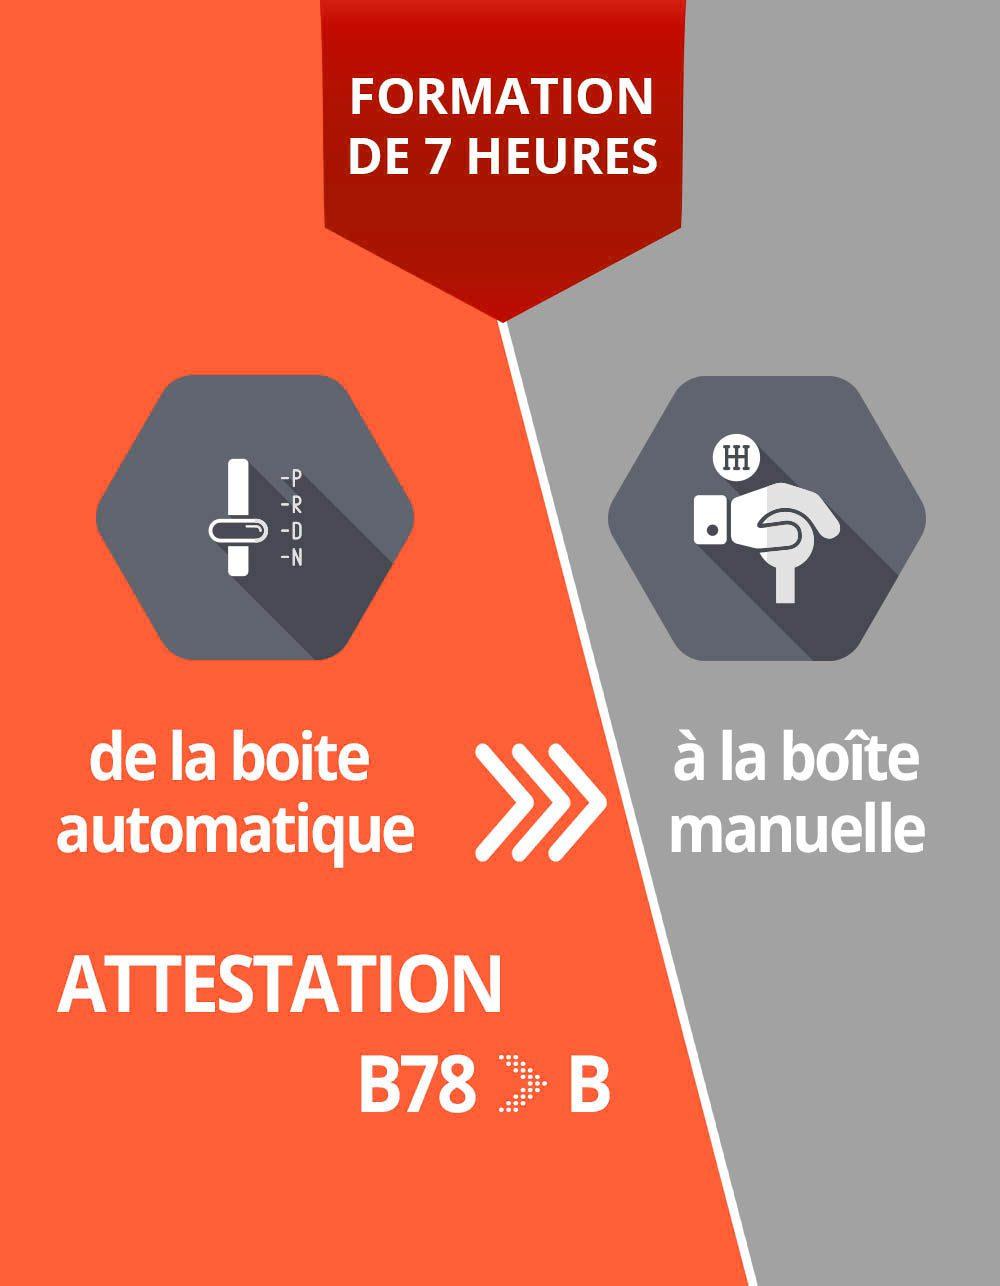 attestation__b_78_b